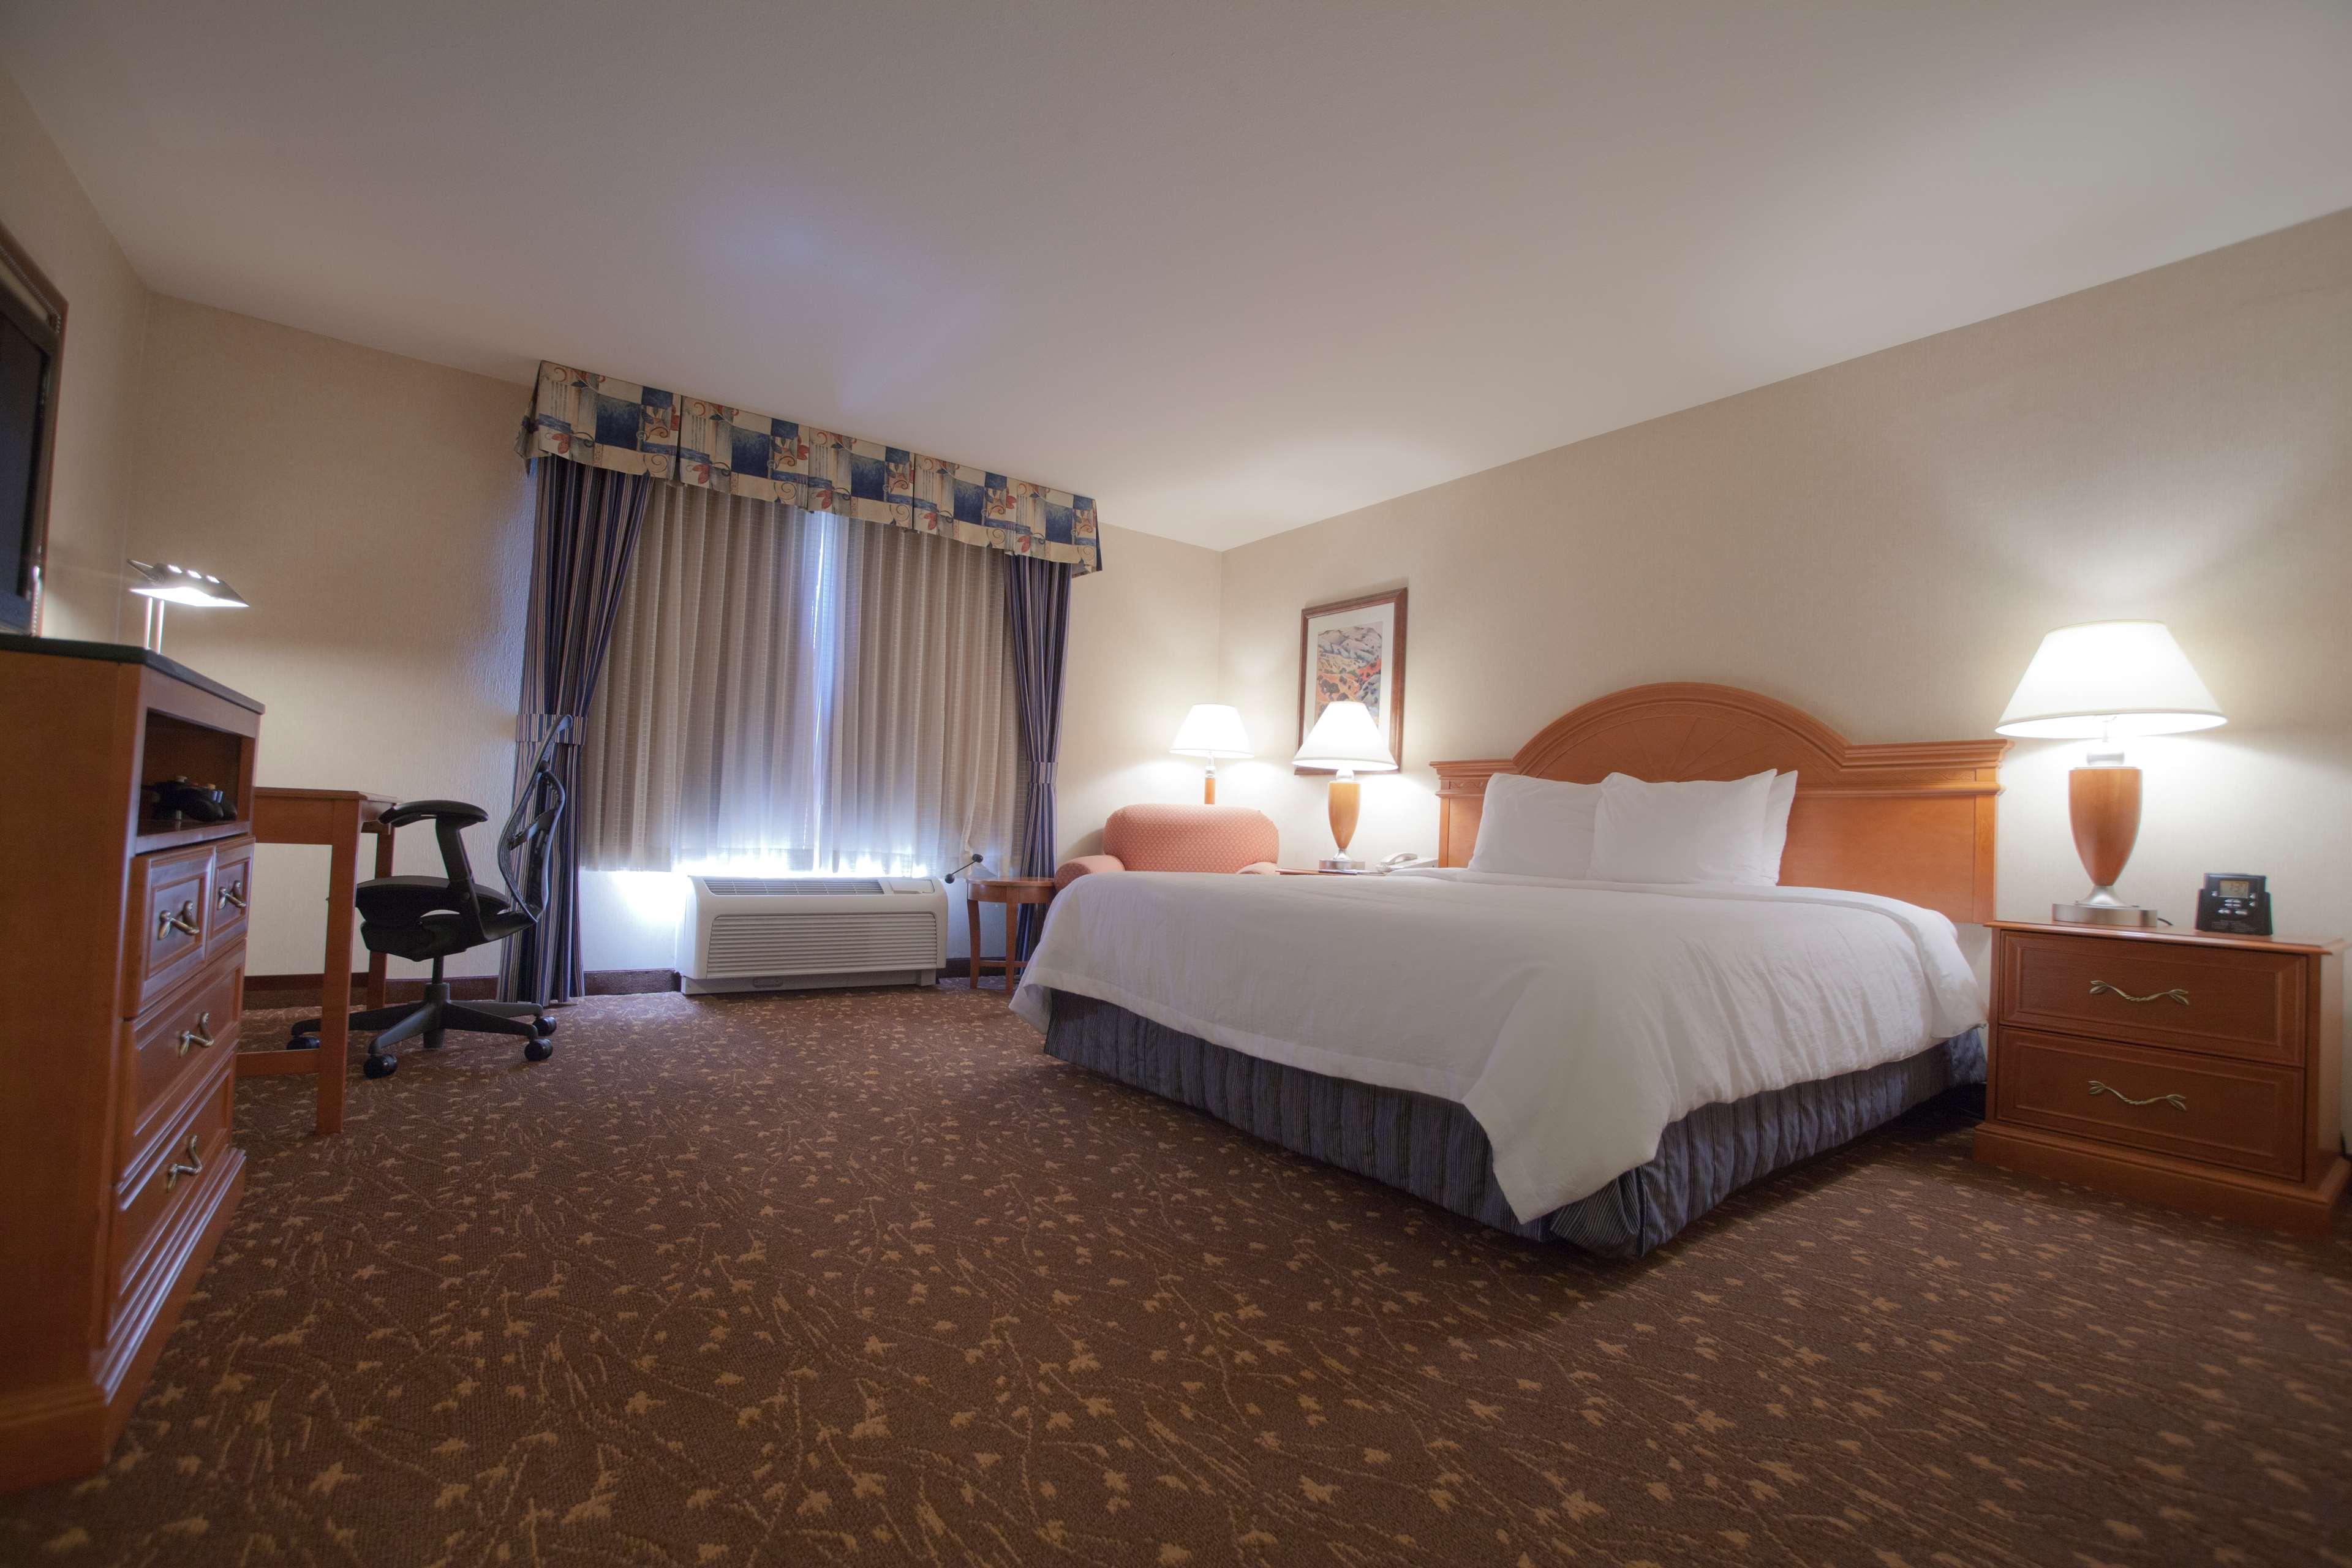 Hilton Garden Inn Albuquerque/Journal Center image 27